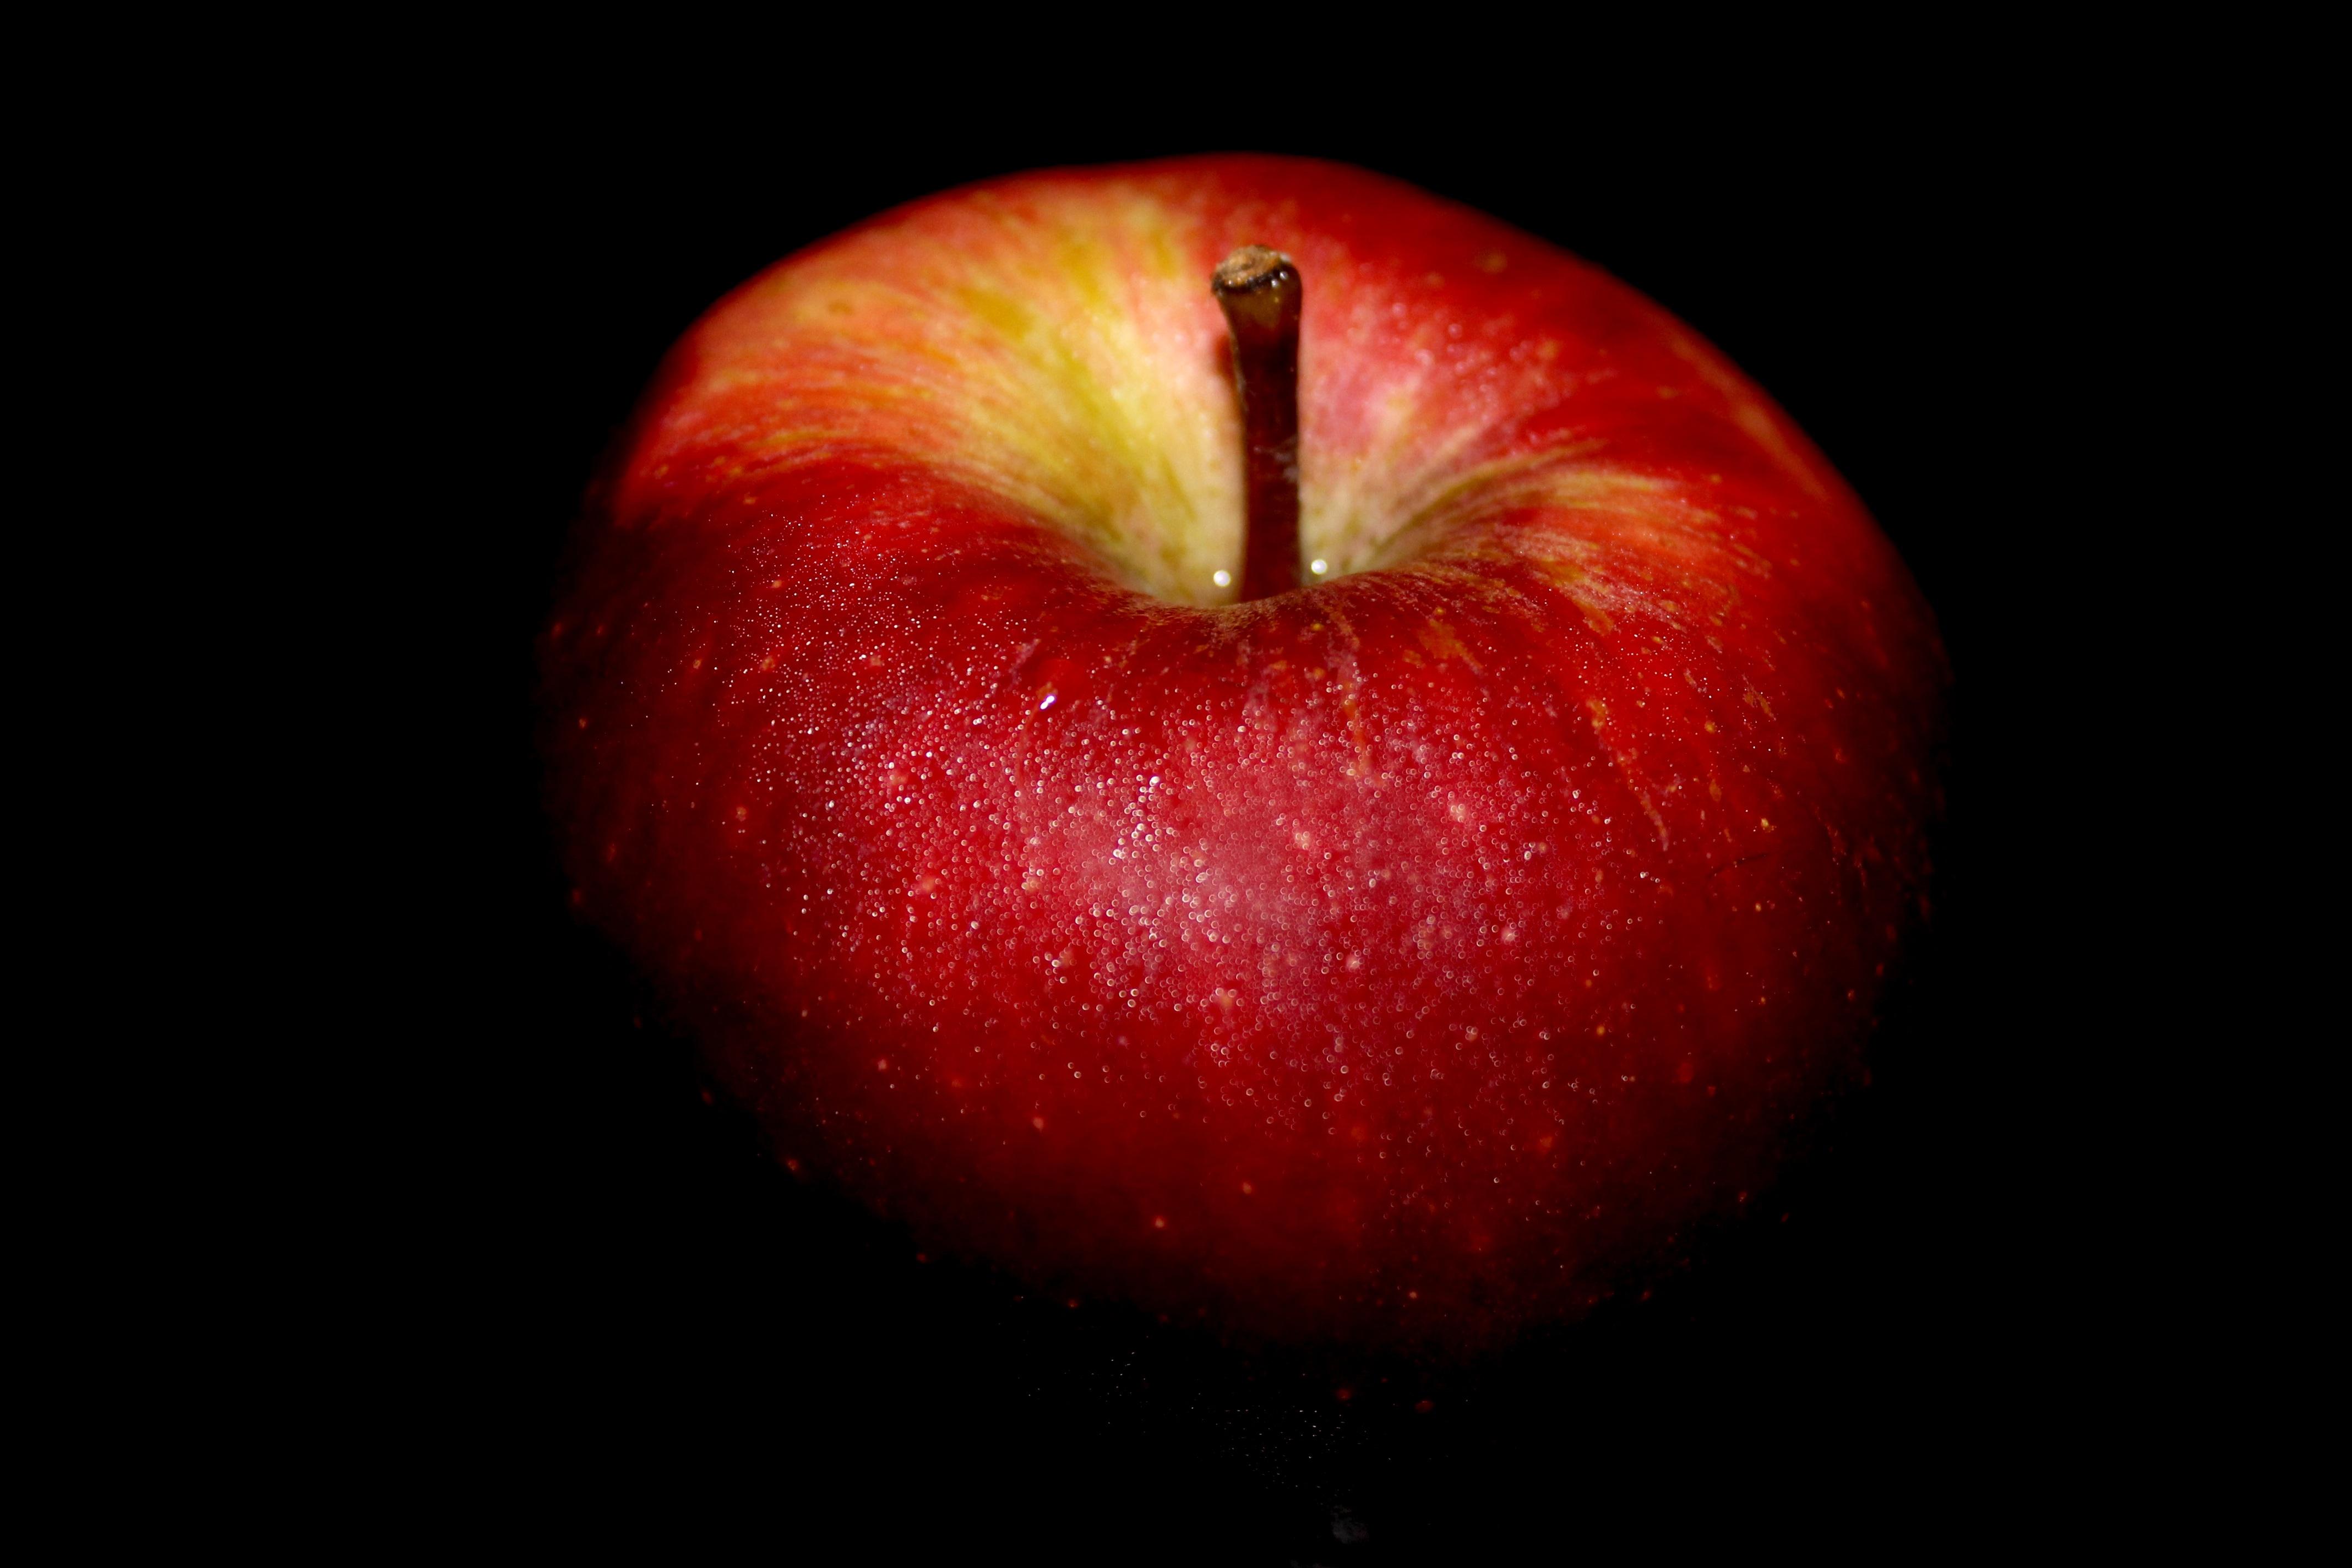 картинки красные фрукты на черном фоне отличное